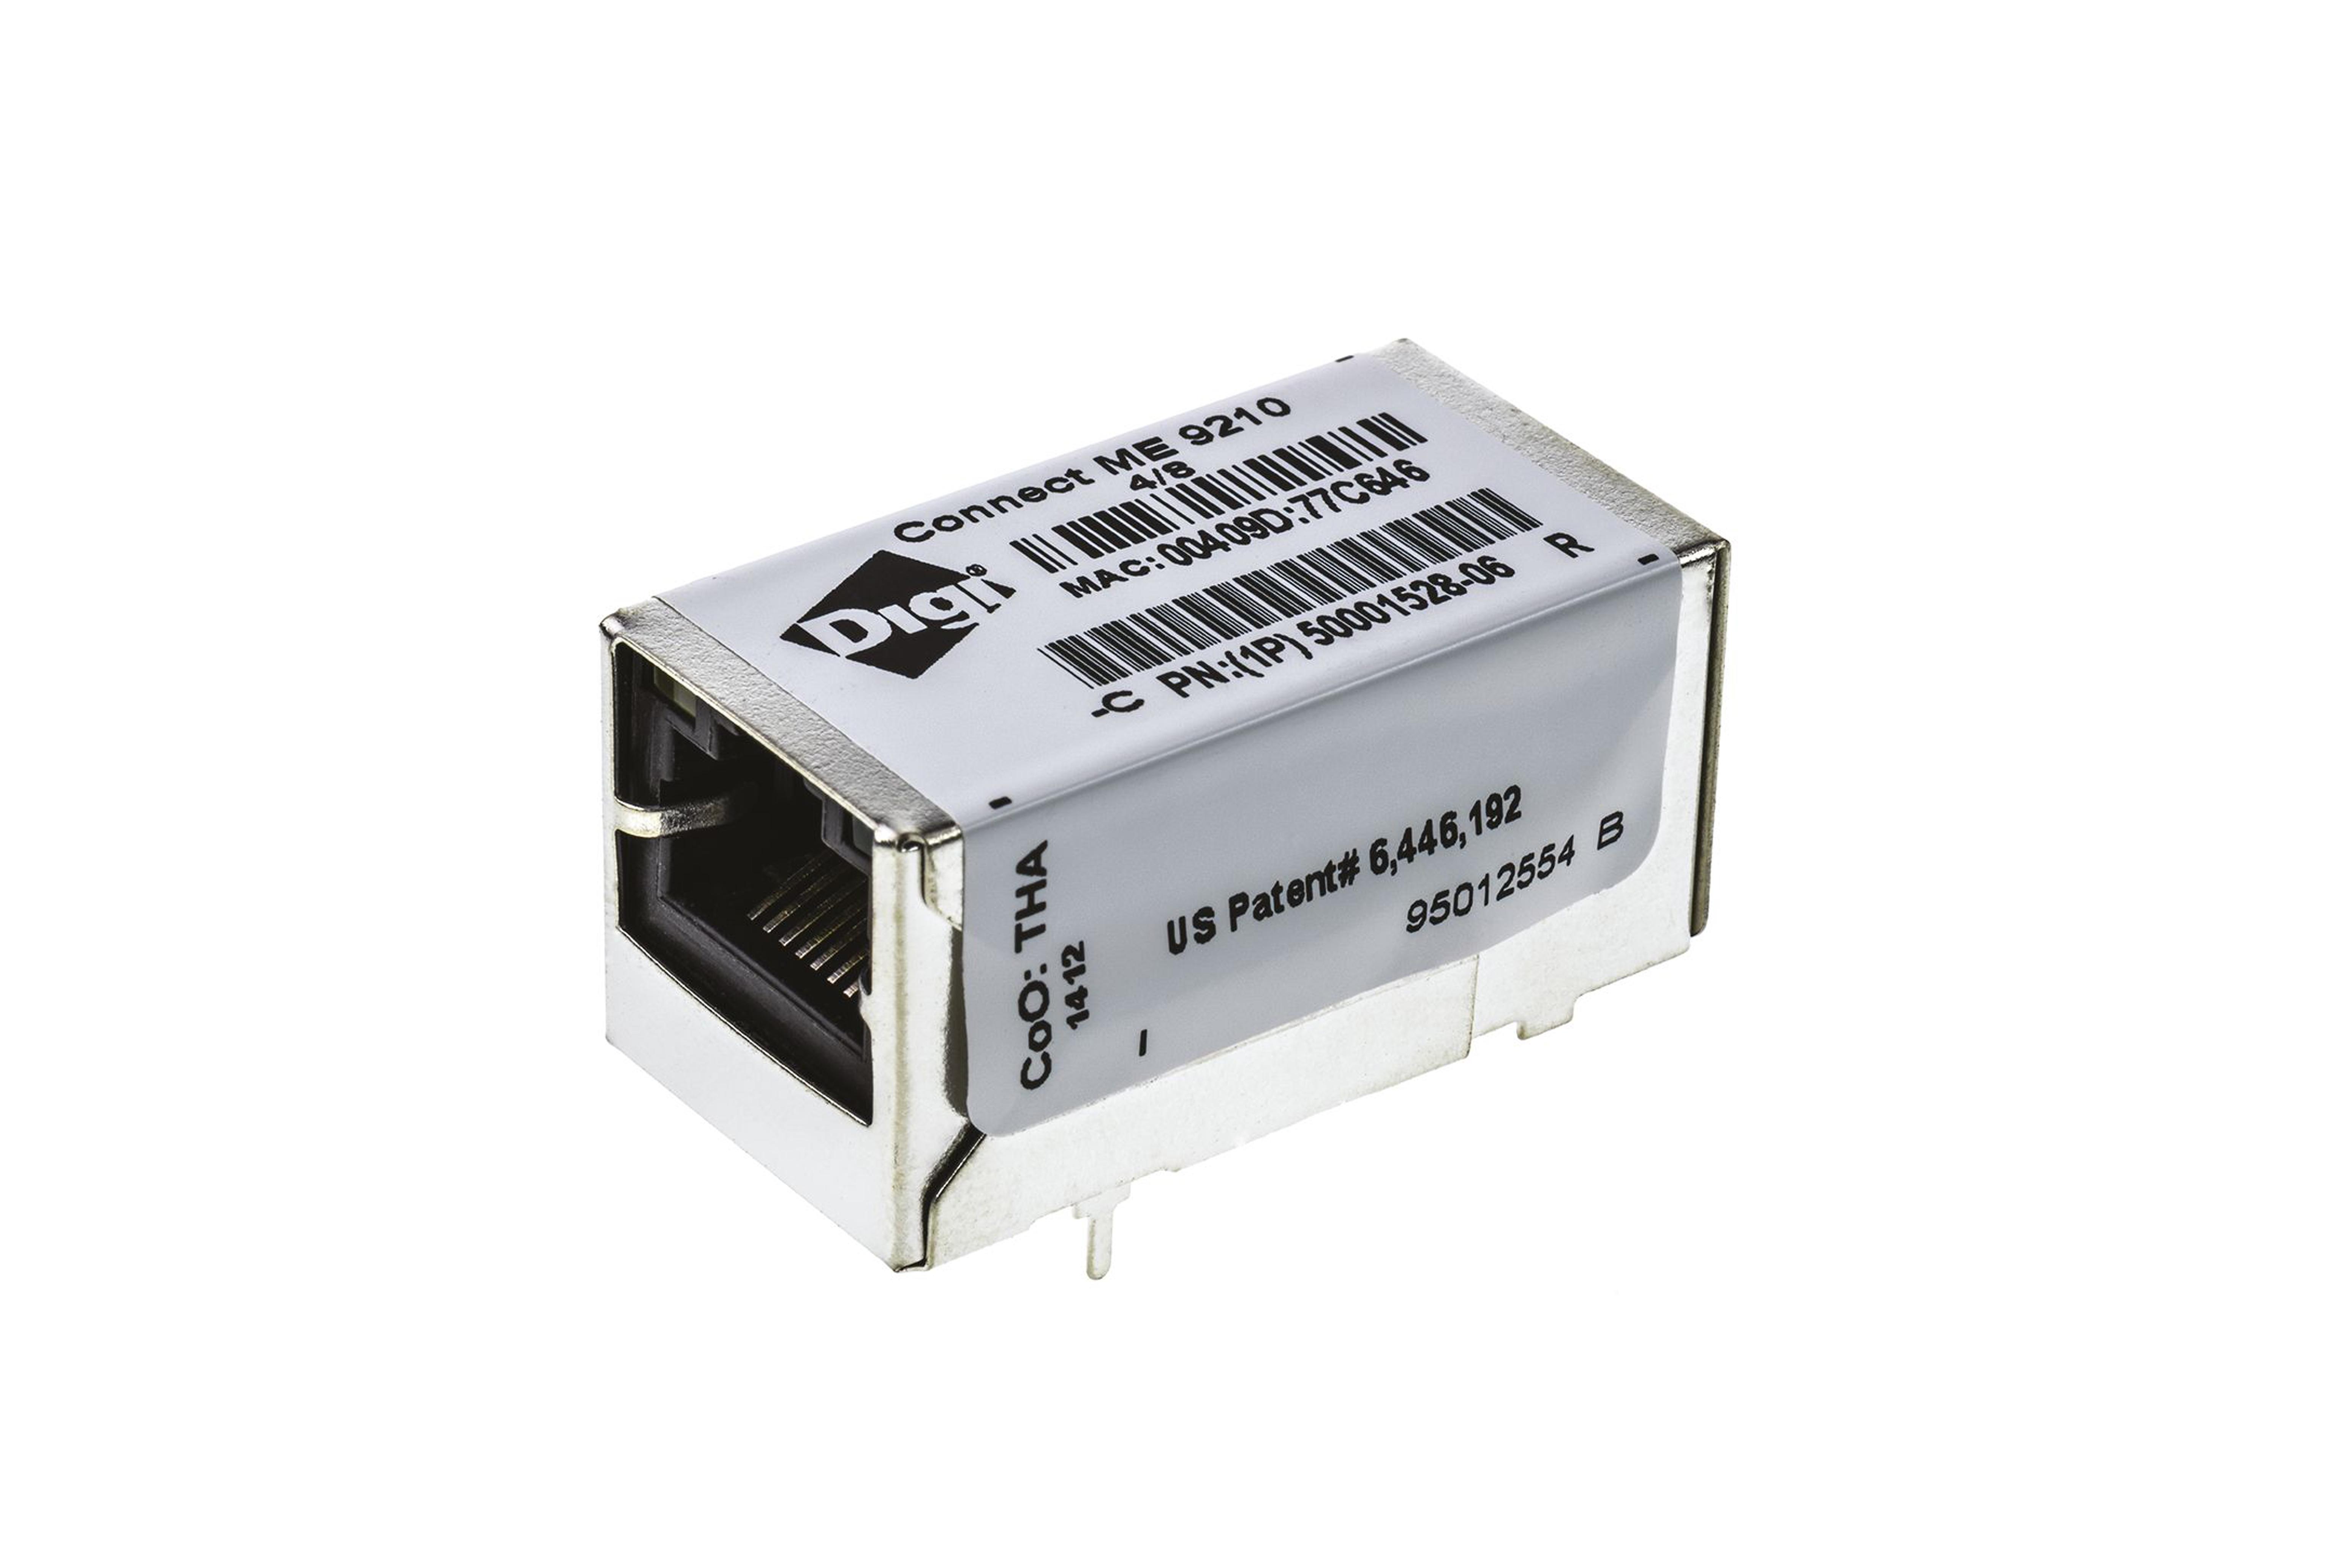 Digi Connect Module Me9210